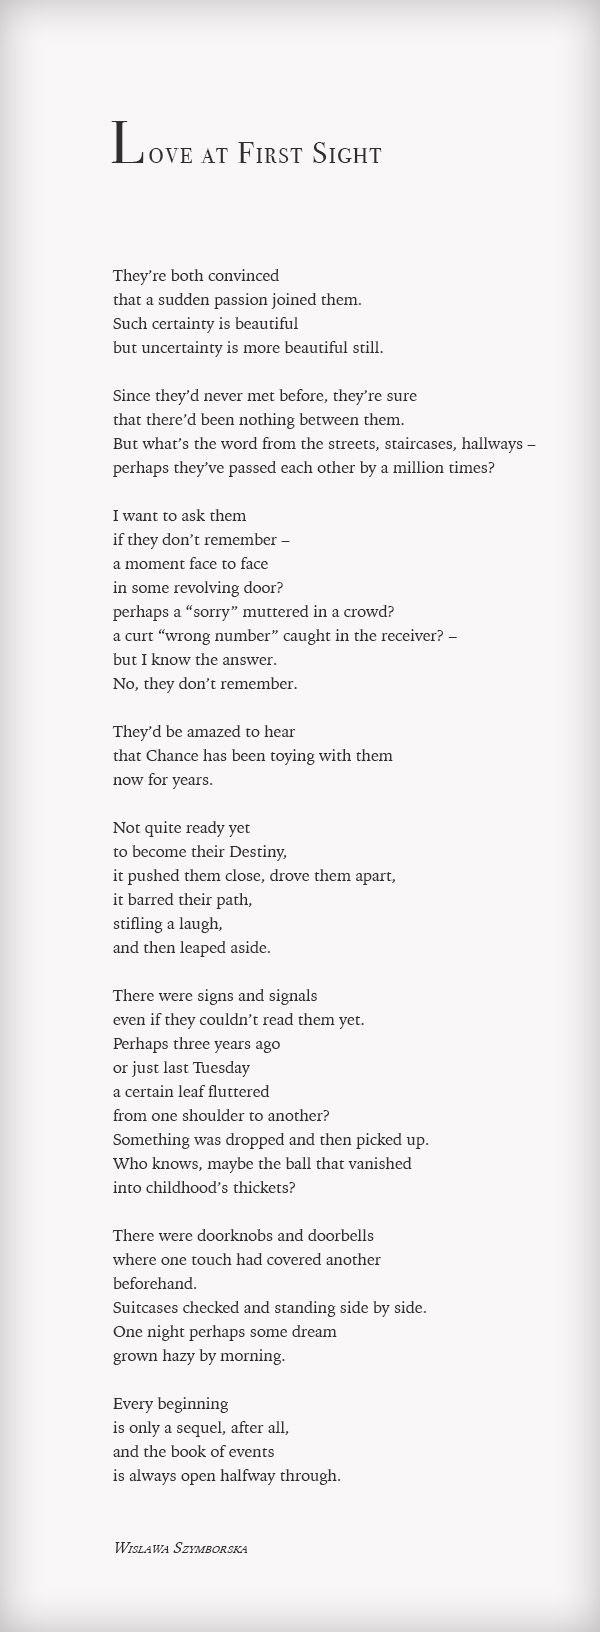 Love At First Sight Beautiful Poem By Wislawa Szymborska